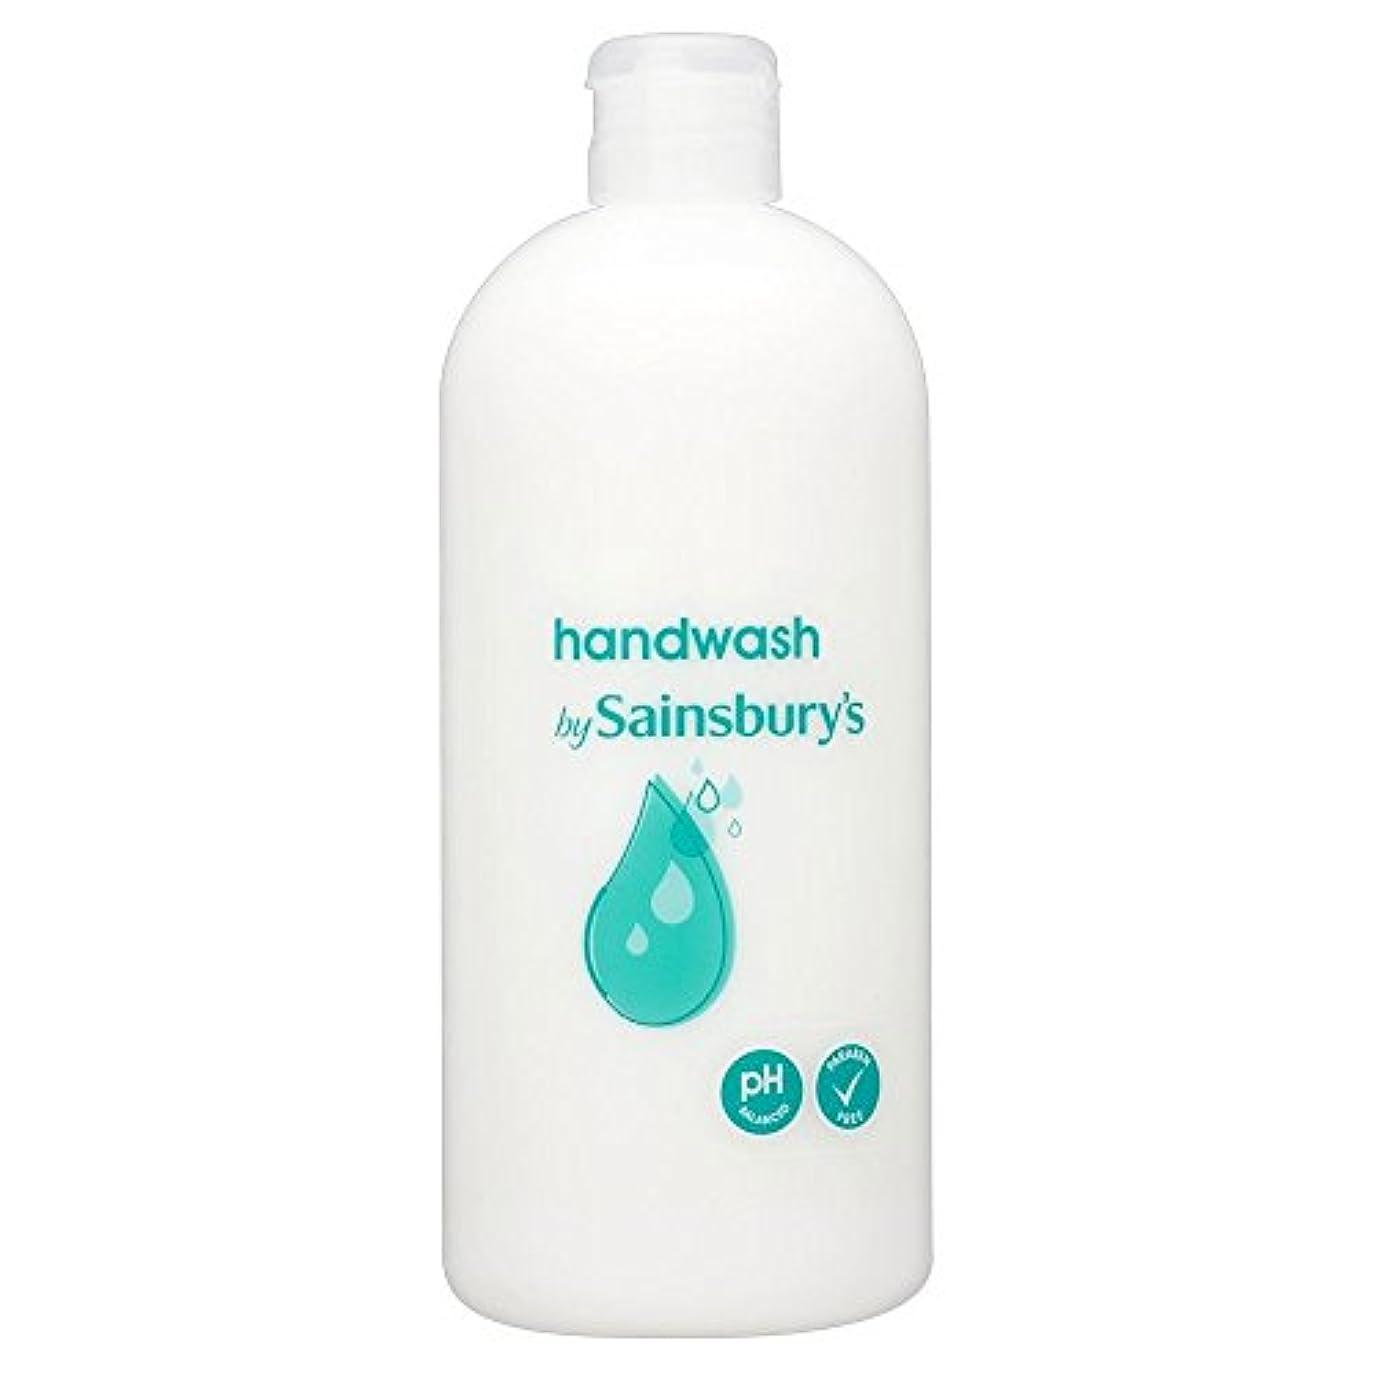 知人平らな師匠Sainsbury's Handwash, White Refill 500ml (Pack of 2) - (Sainsbury's) 手洗い、白リフィル500ミリリットル (x2) [並行輸入品]